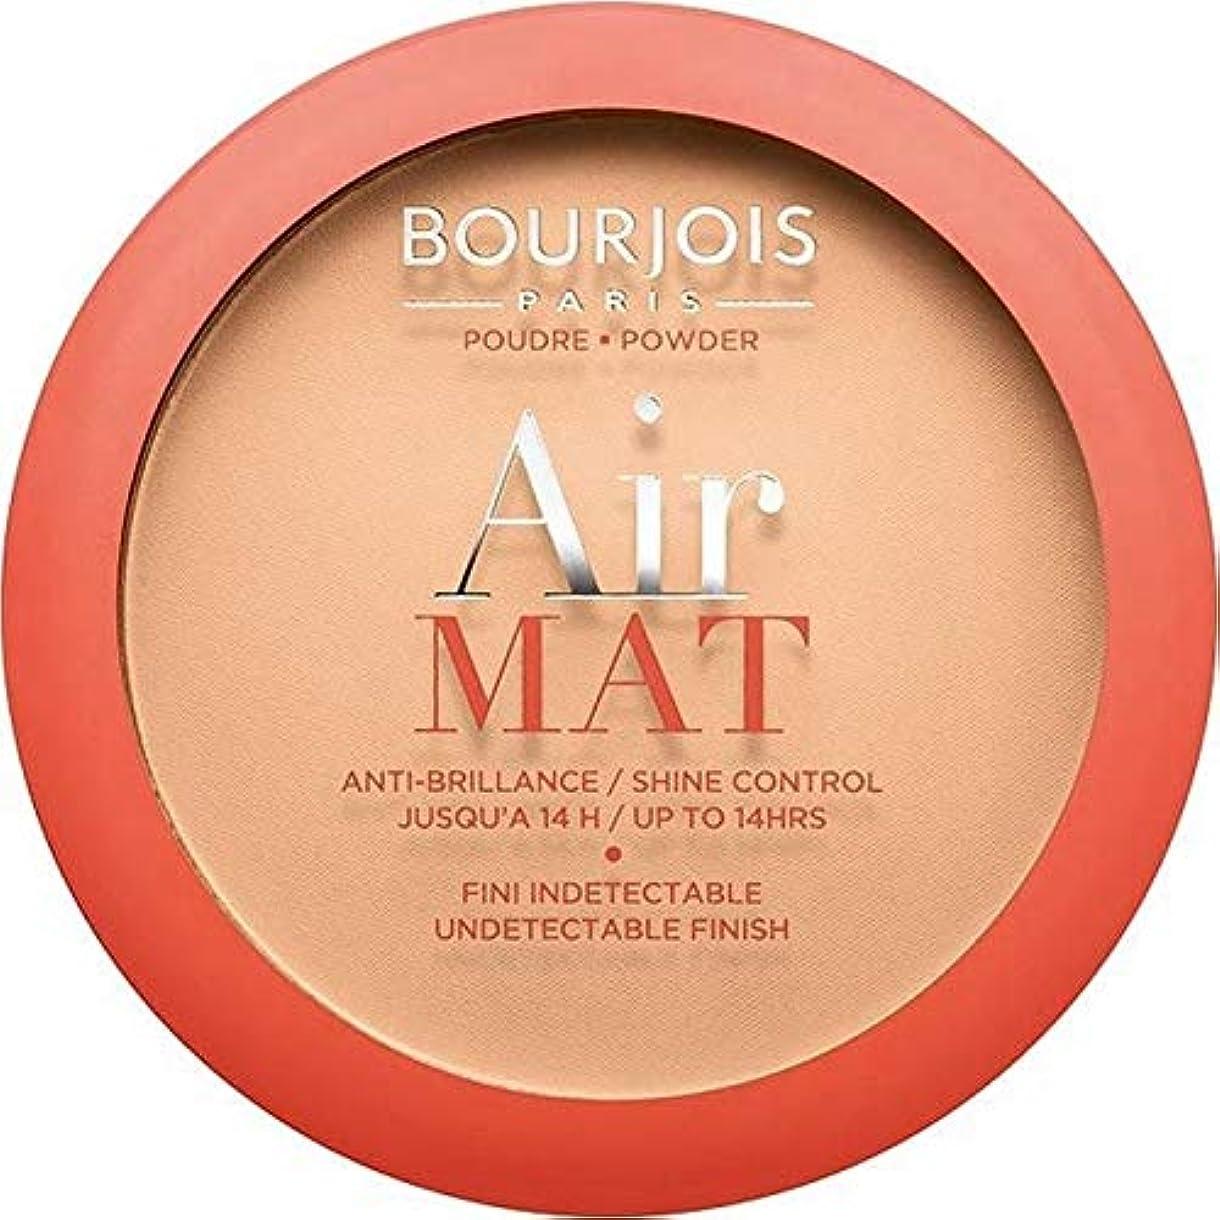 速記失望させるビリー[Bourjois ] ブルジョワエアーマットは、粉末を押す - アプリコットベージュ - Bourjois Air Mat Pressed Powder - Apricot Beige [並行輸入品]